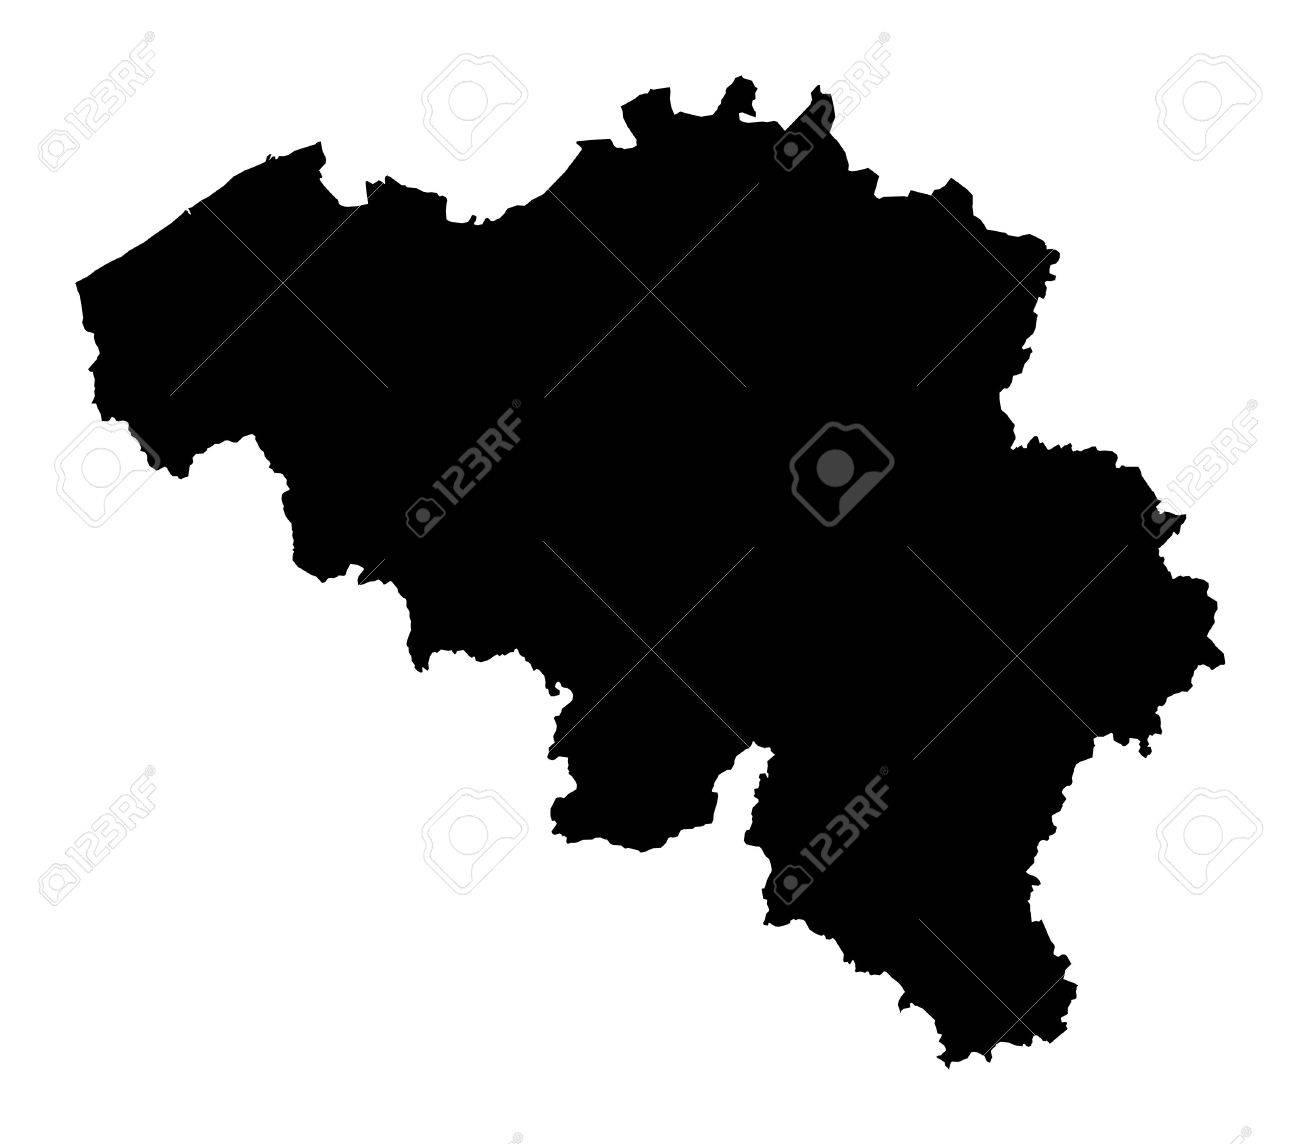 Carte Belgique Noir Et Blanc.Isole Carte Detaillee De La Belgique Noir Et Blanc Projection Mercator